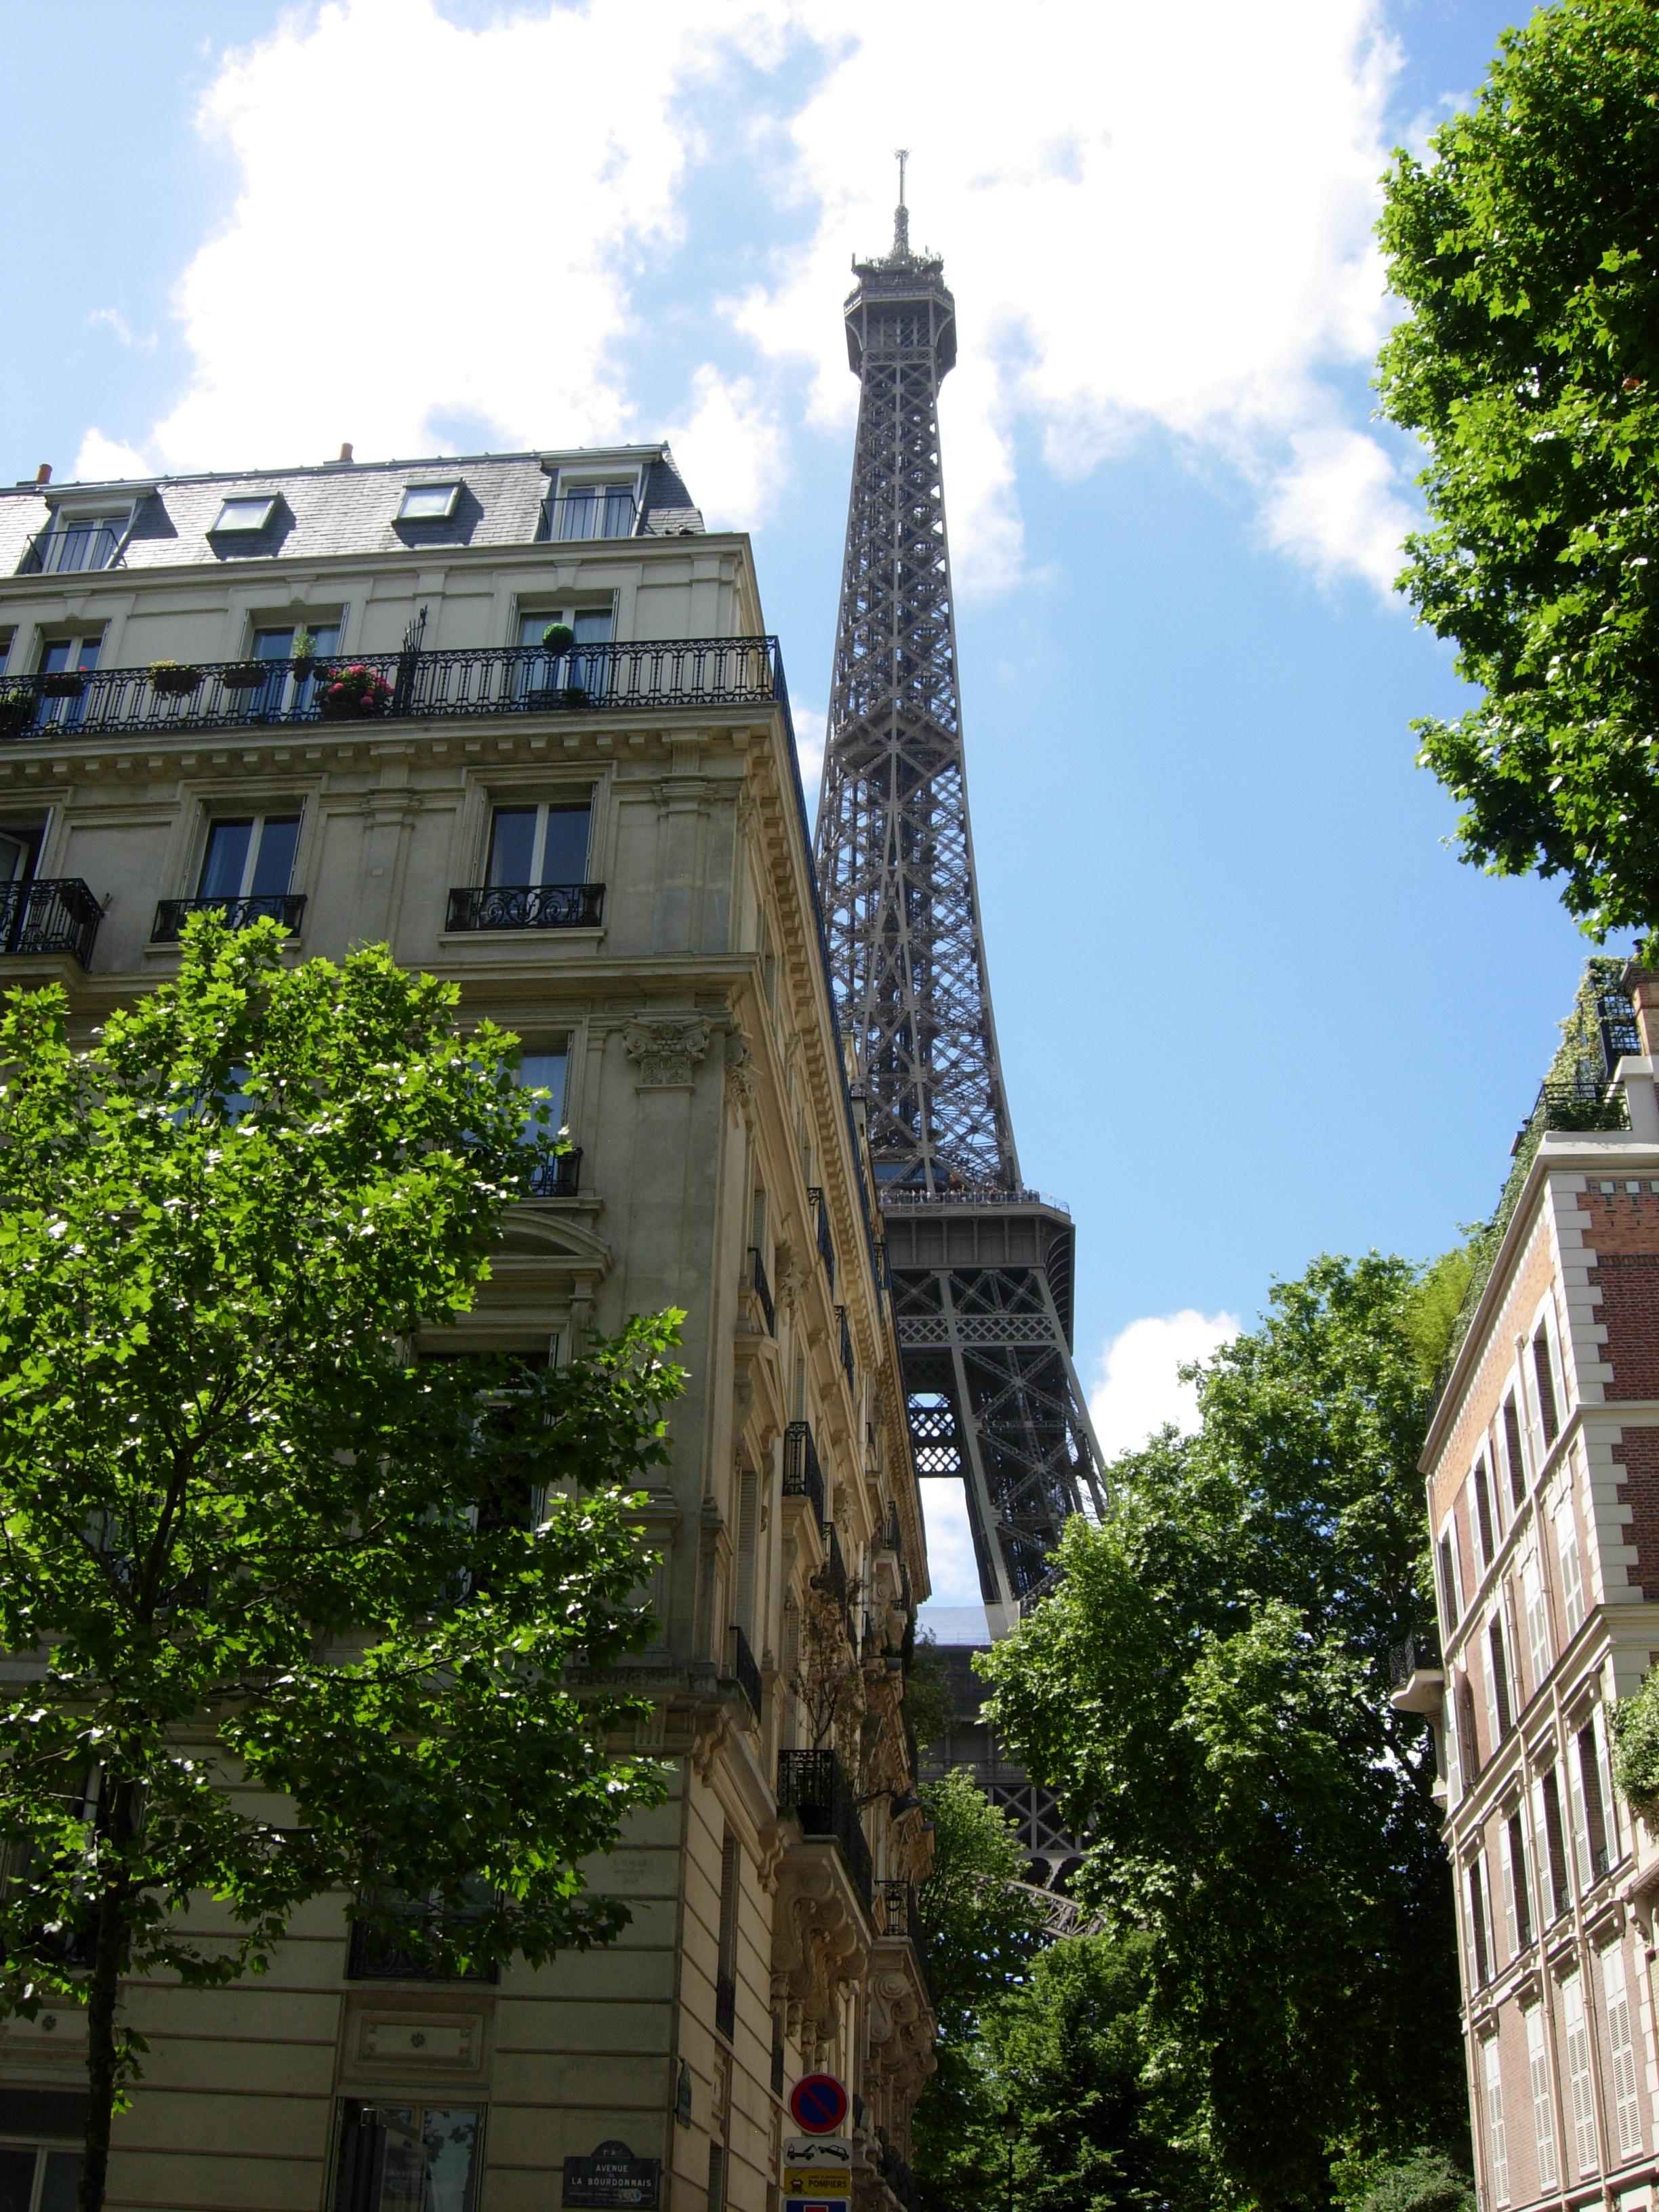 文化巴黎的魅力——街景_图1-10